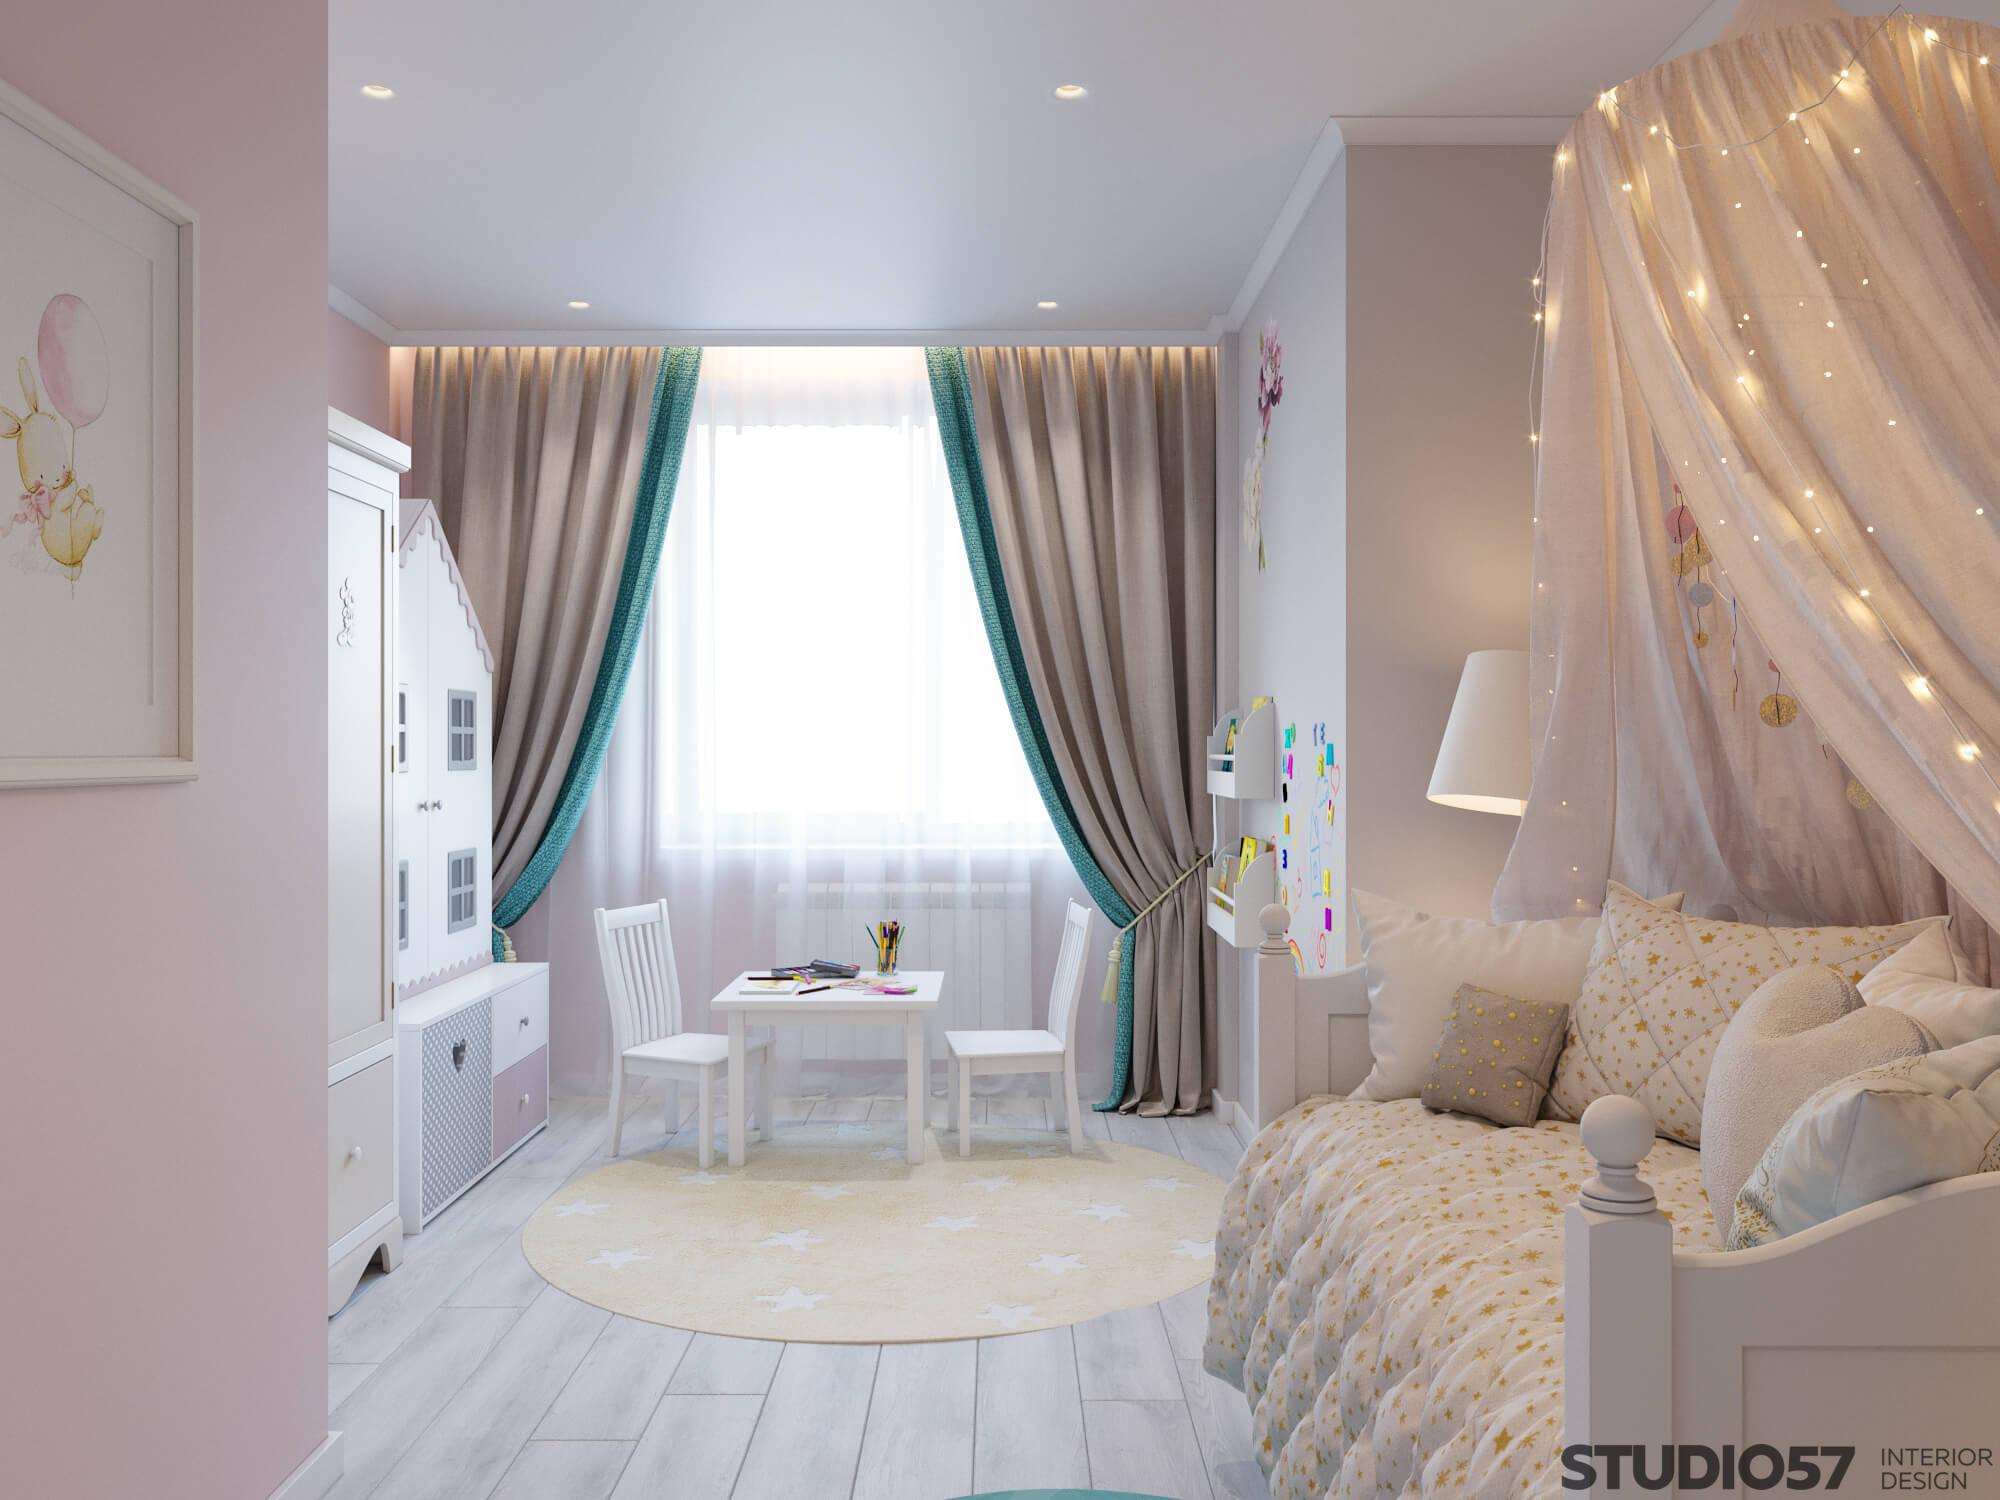 Children's room decor for girls